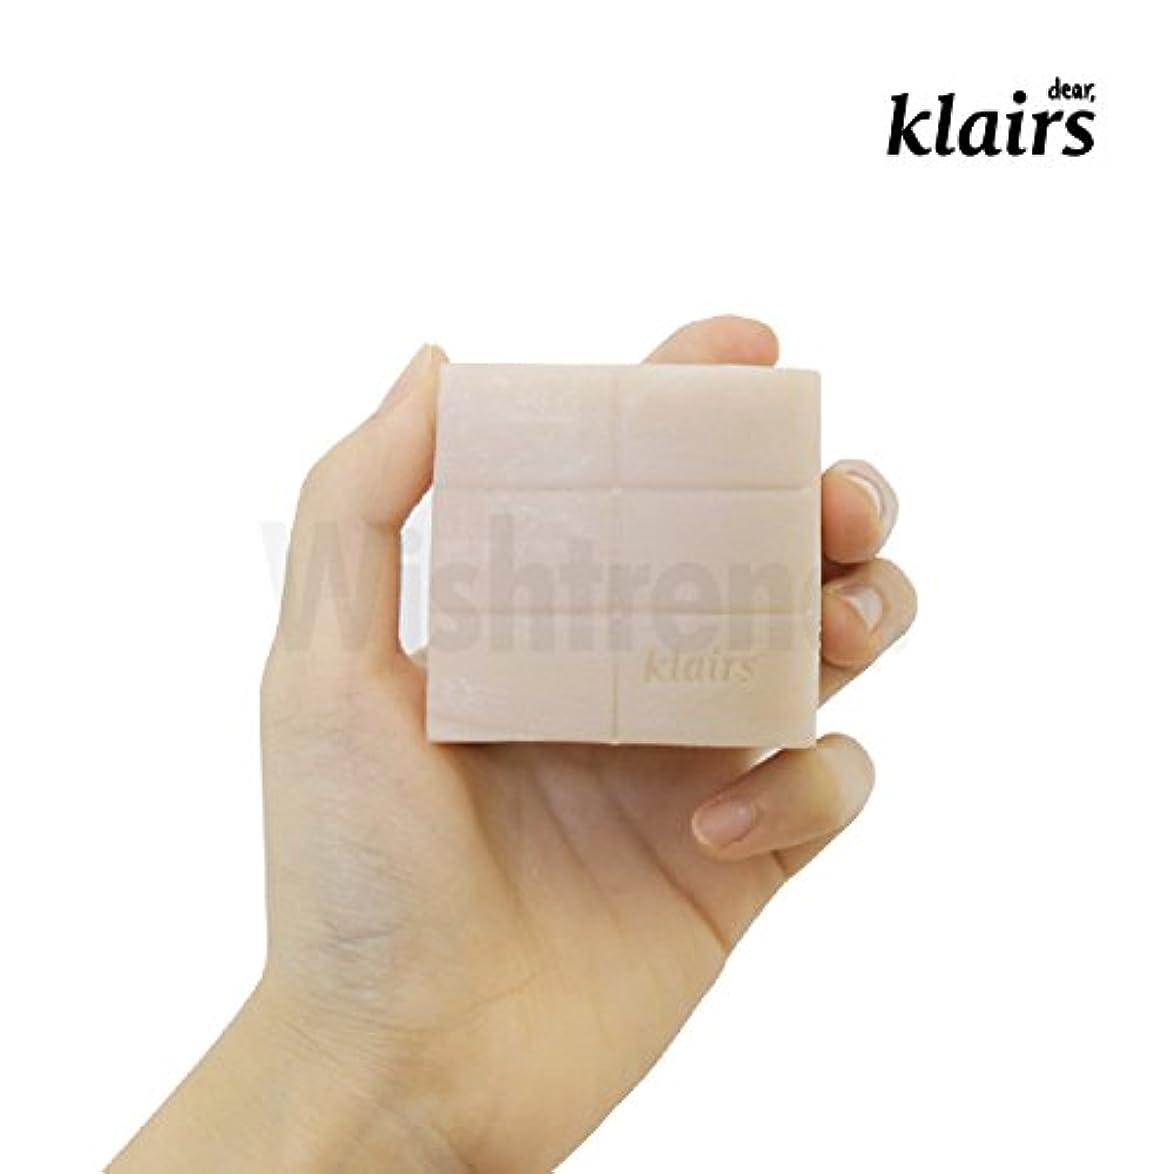 挨拶加速する何よりも【クレアス】リッチモイストフェイシャルソープ120g|石けん?石鹸?フェイシャルソープ?ソープ?敏感肌|[dear,klairs] Be Clean Natural Soap 120g